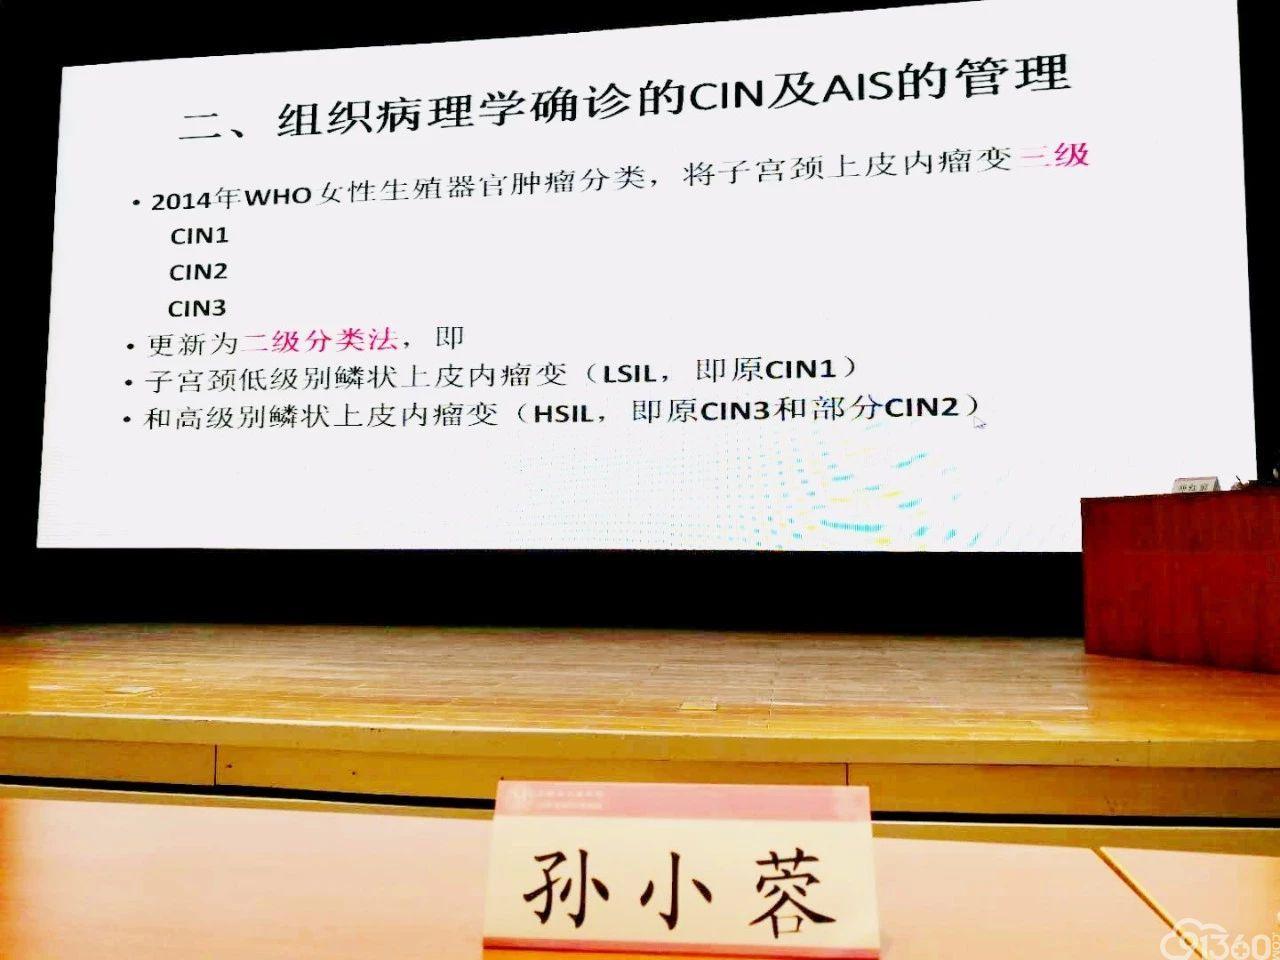 兰丁专家在山西宫颈专业会议上 介绍AI+互联网创新技术